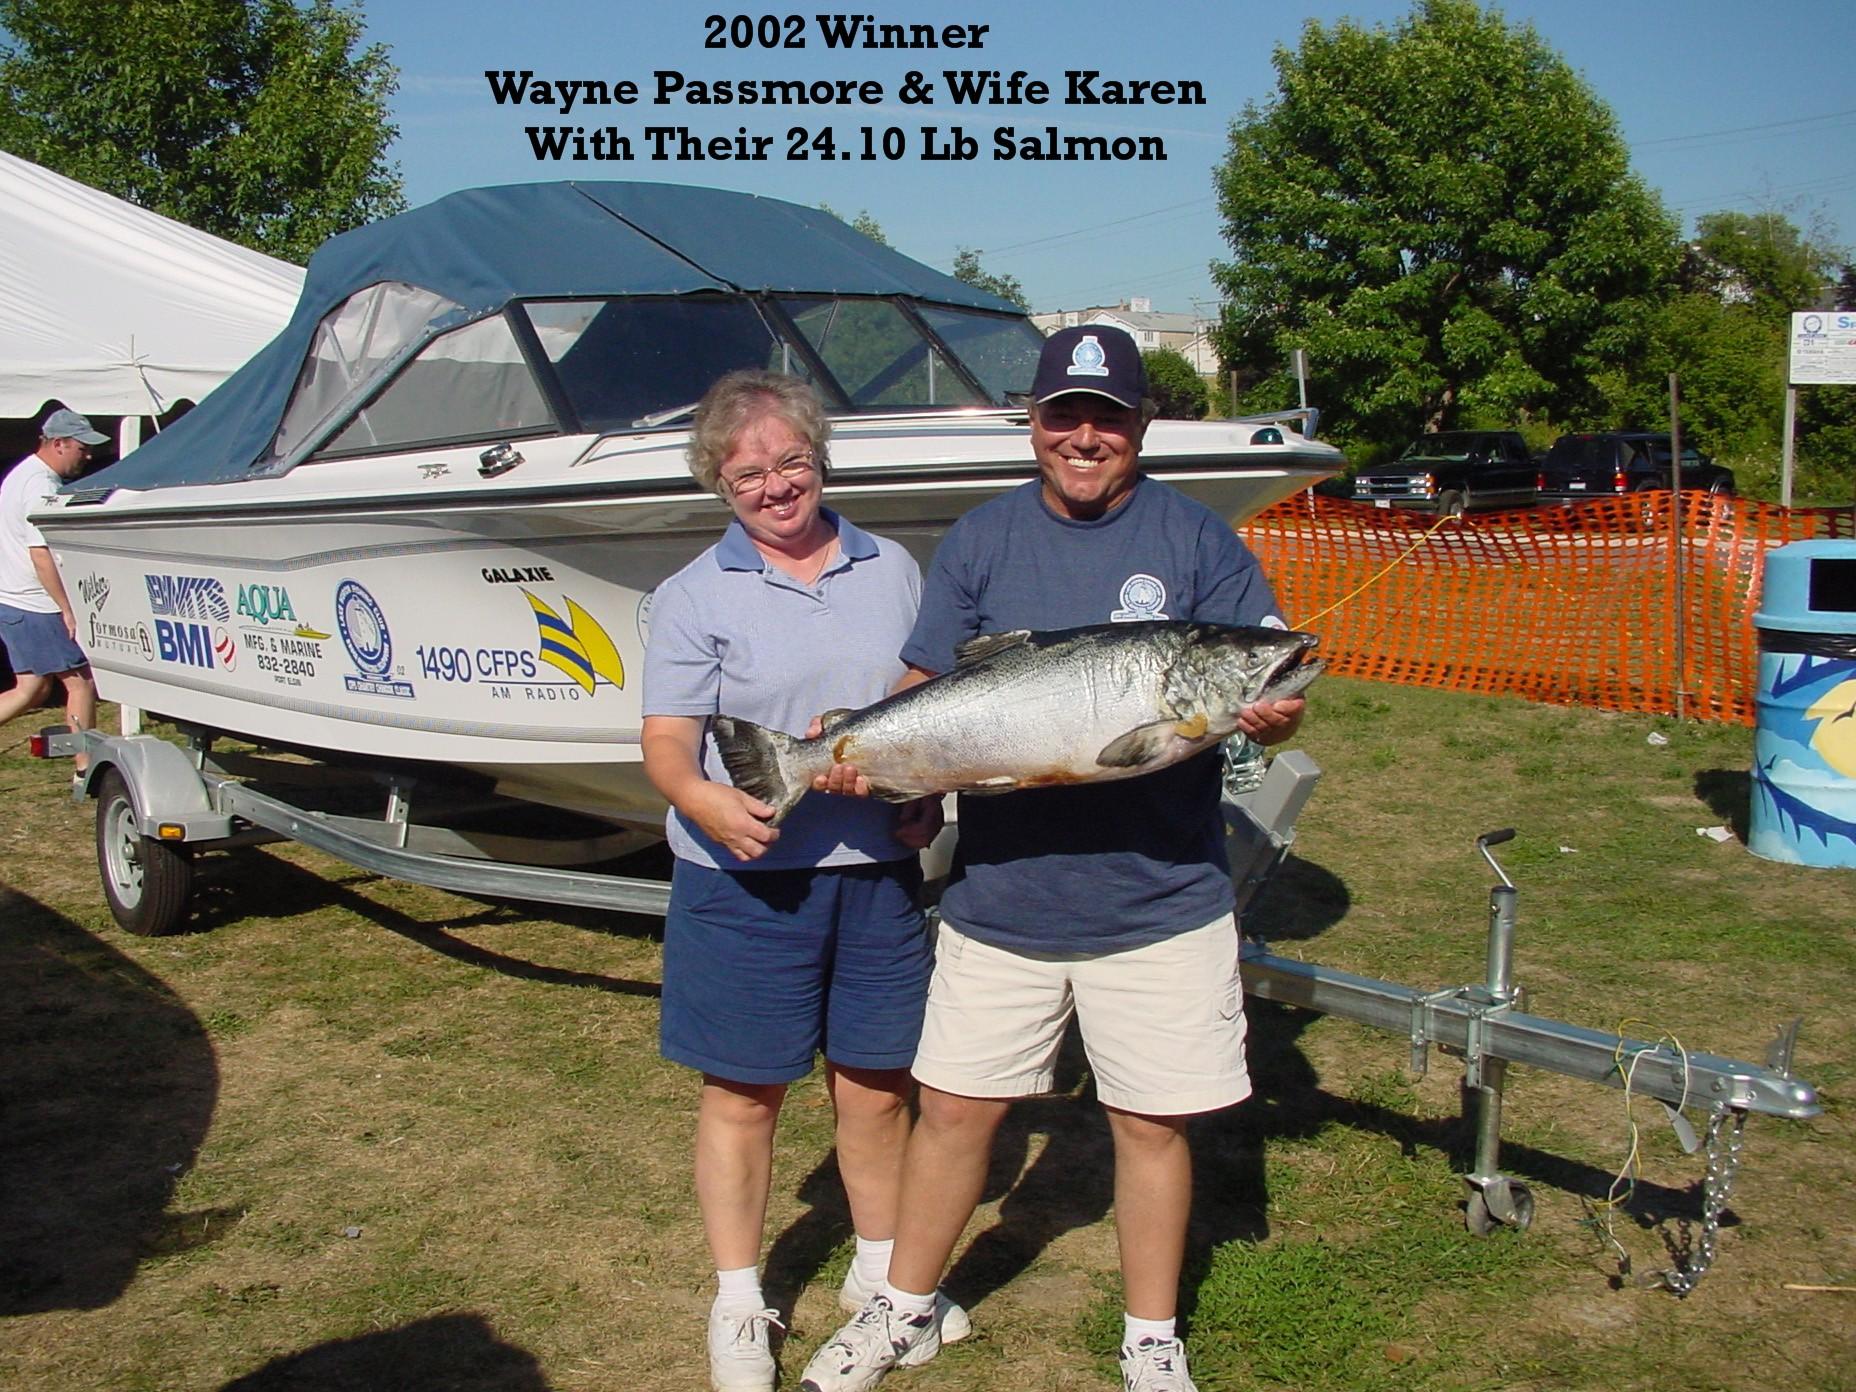 2002 Winner Wayne Passmore